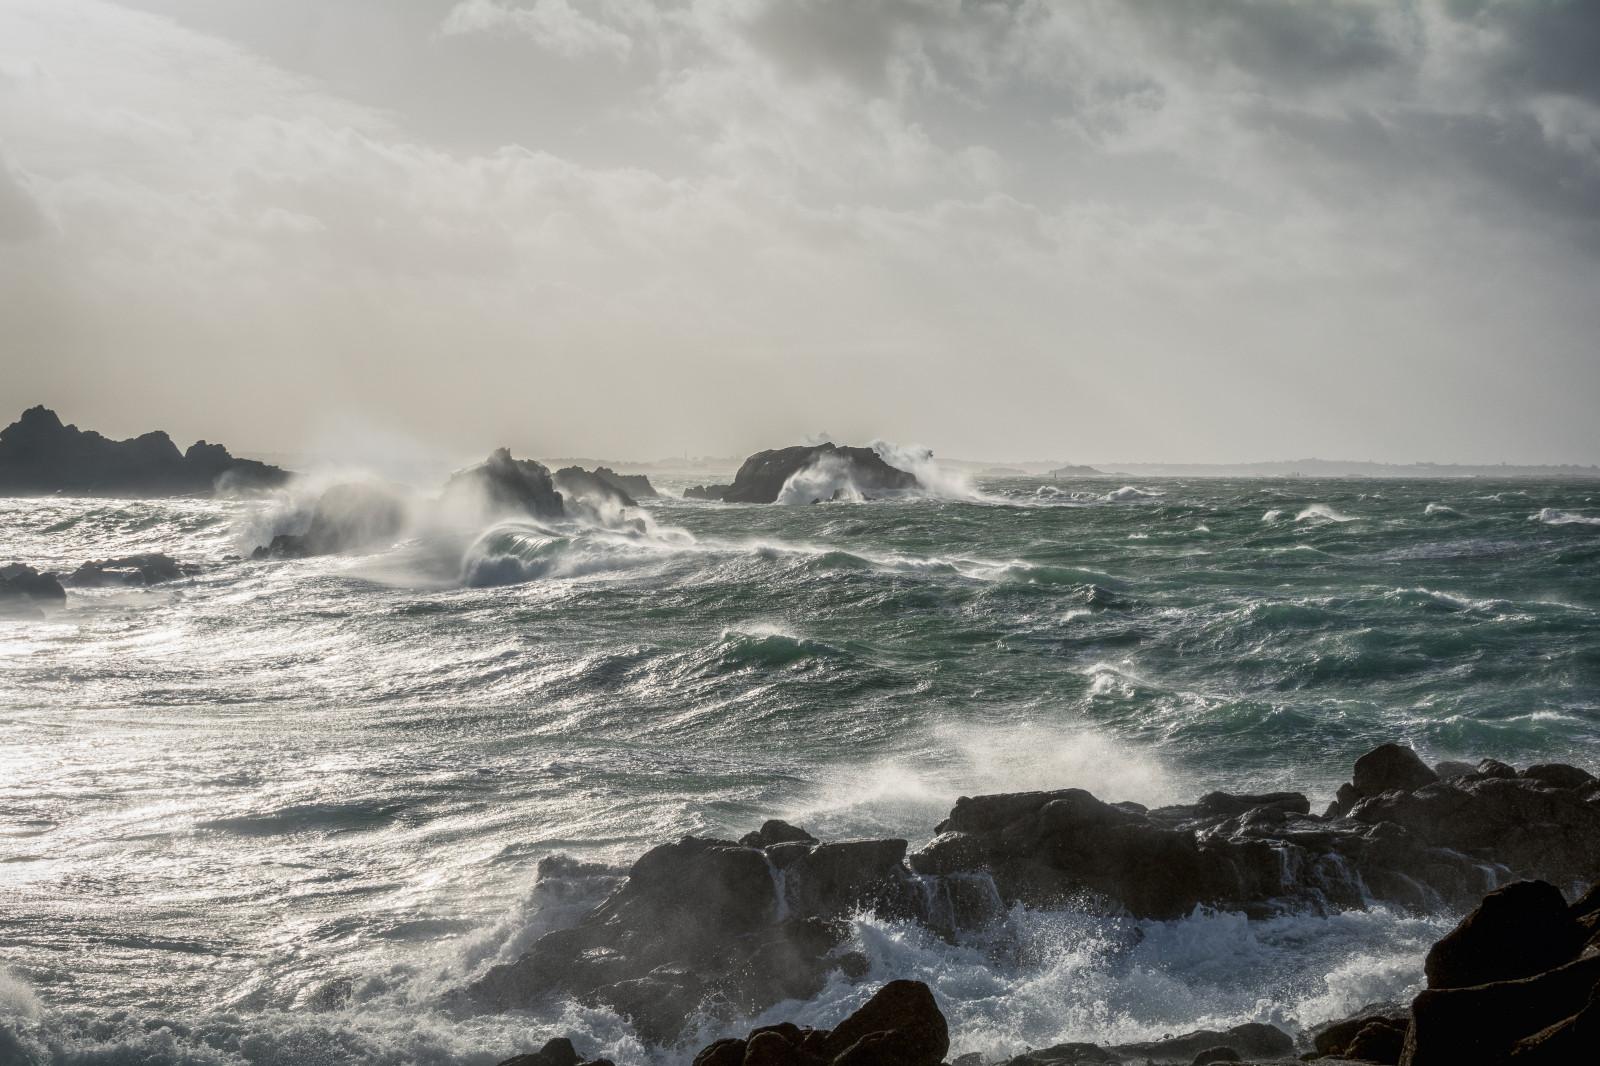 Fond d'écran : Bleu, orage, Tempête, Temps, Houle, vague, Lumiere, lumière, vent, Évent, Rocher ...